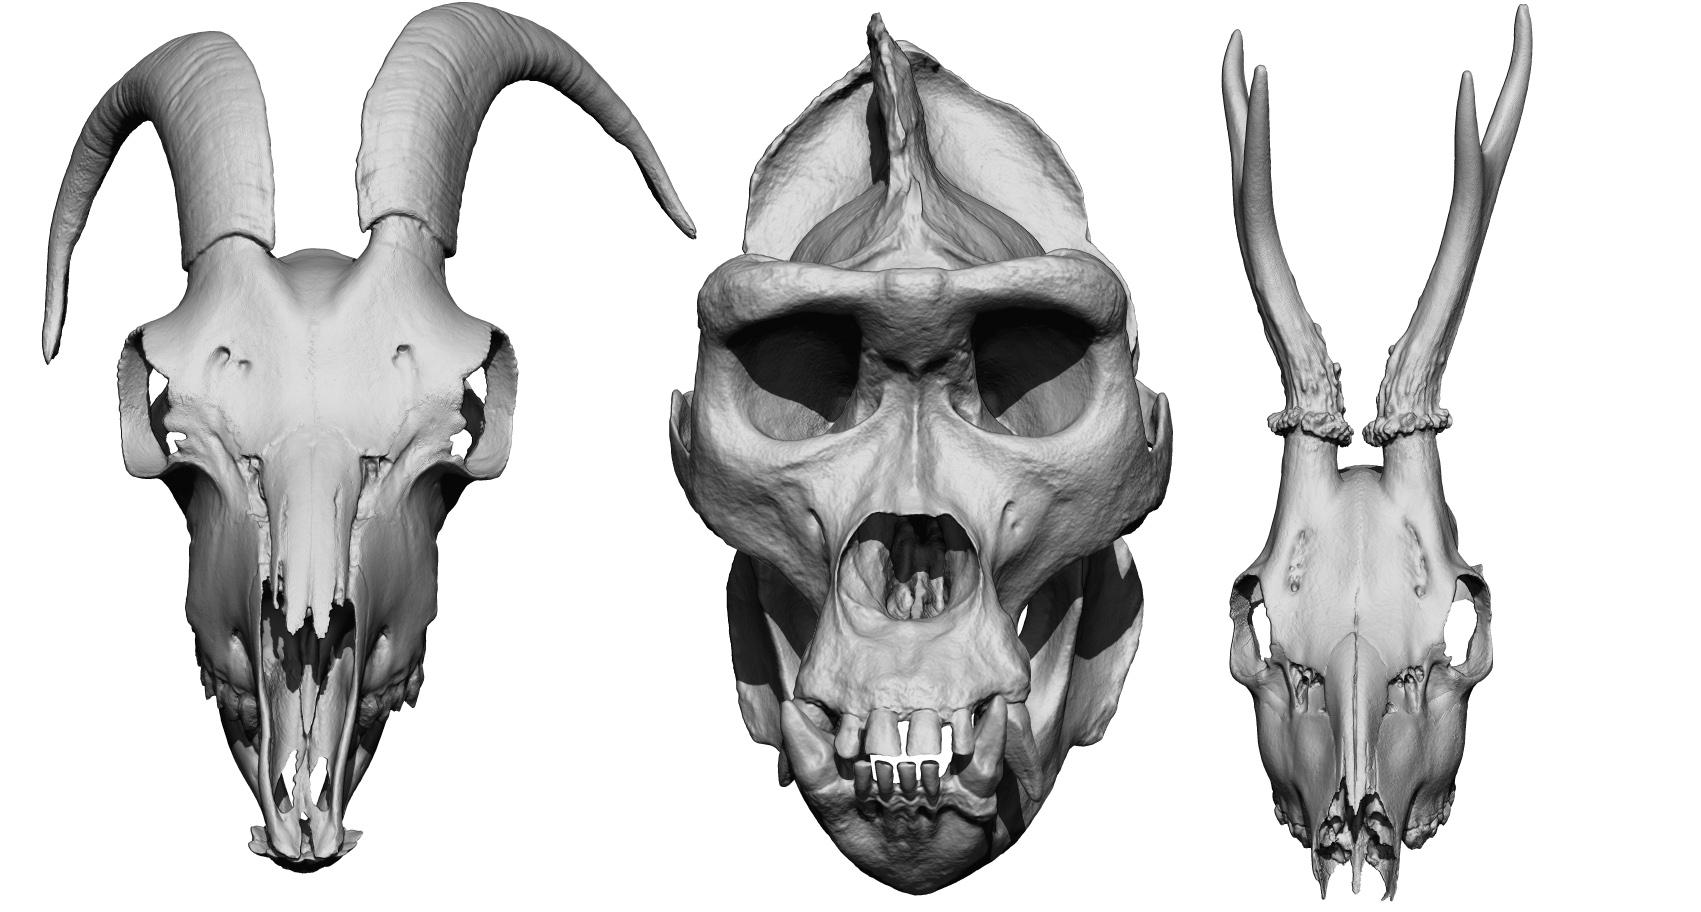 Ausgezeichnet Human Anatomy 3d Free Download Galerie - Anatomie ...